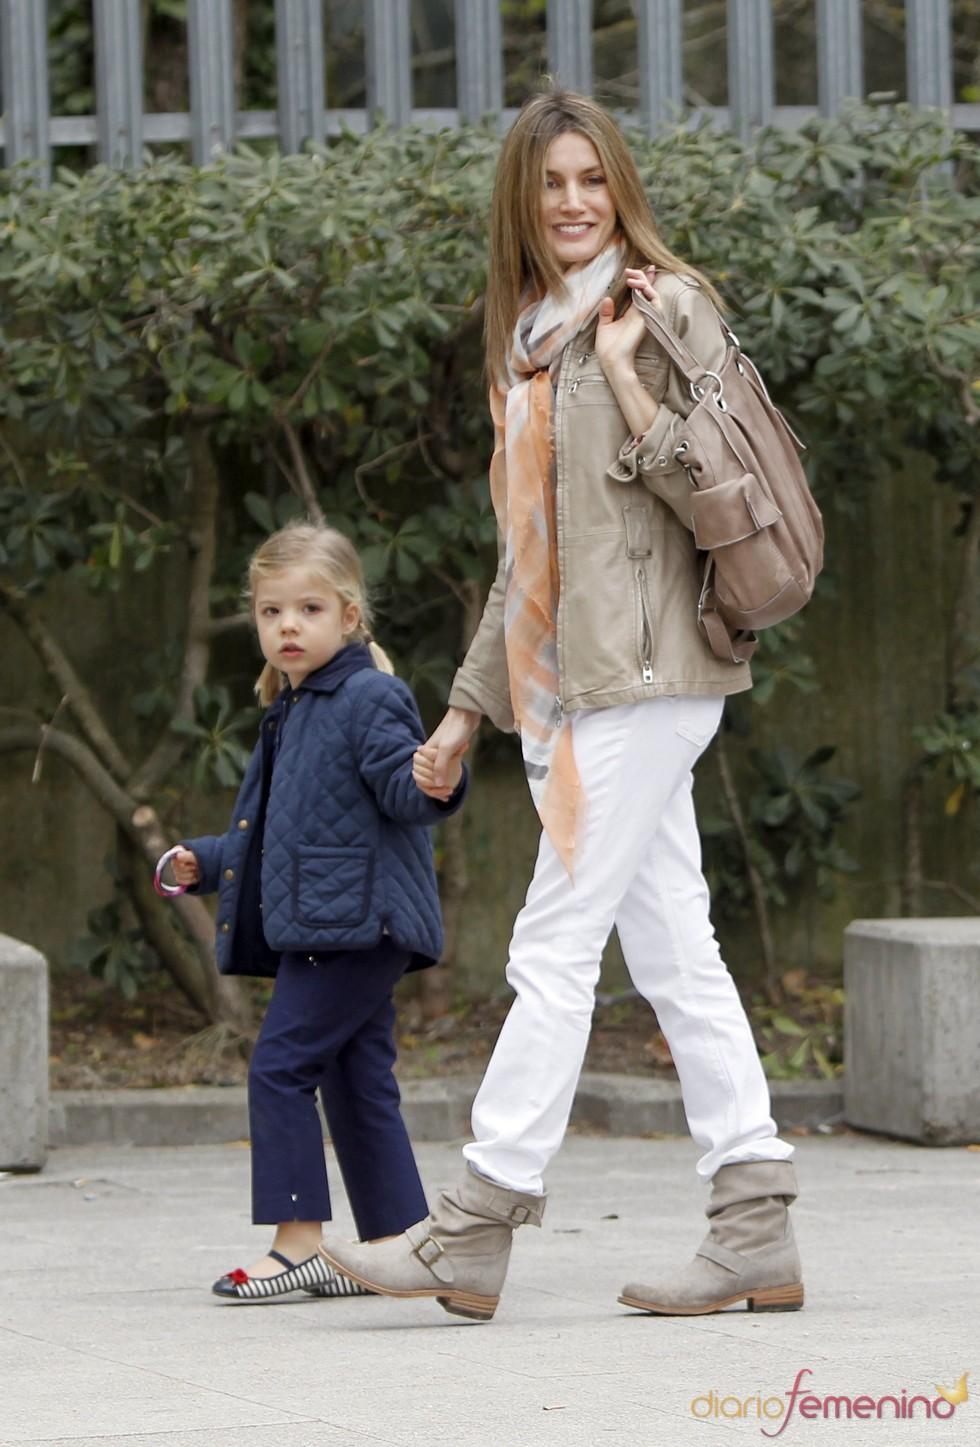 La Princesa Letizia con su hija Sofía en el zoo de Madrid